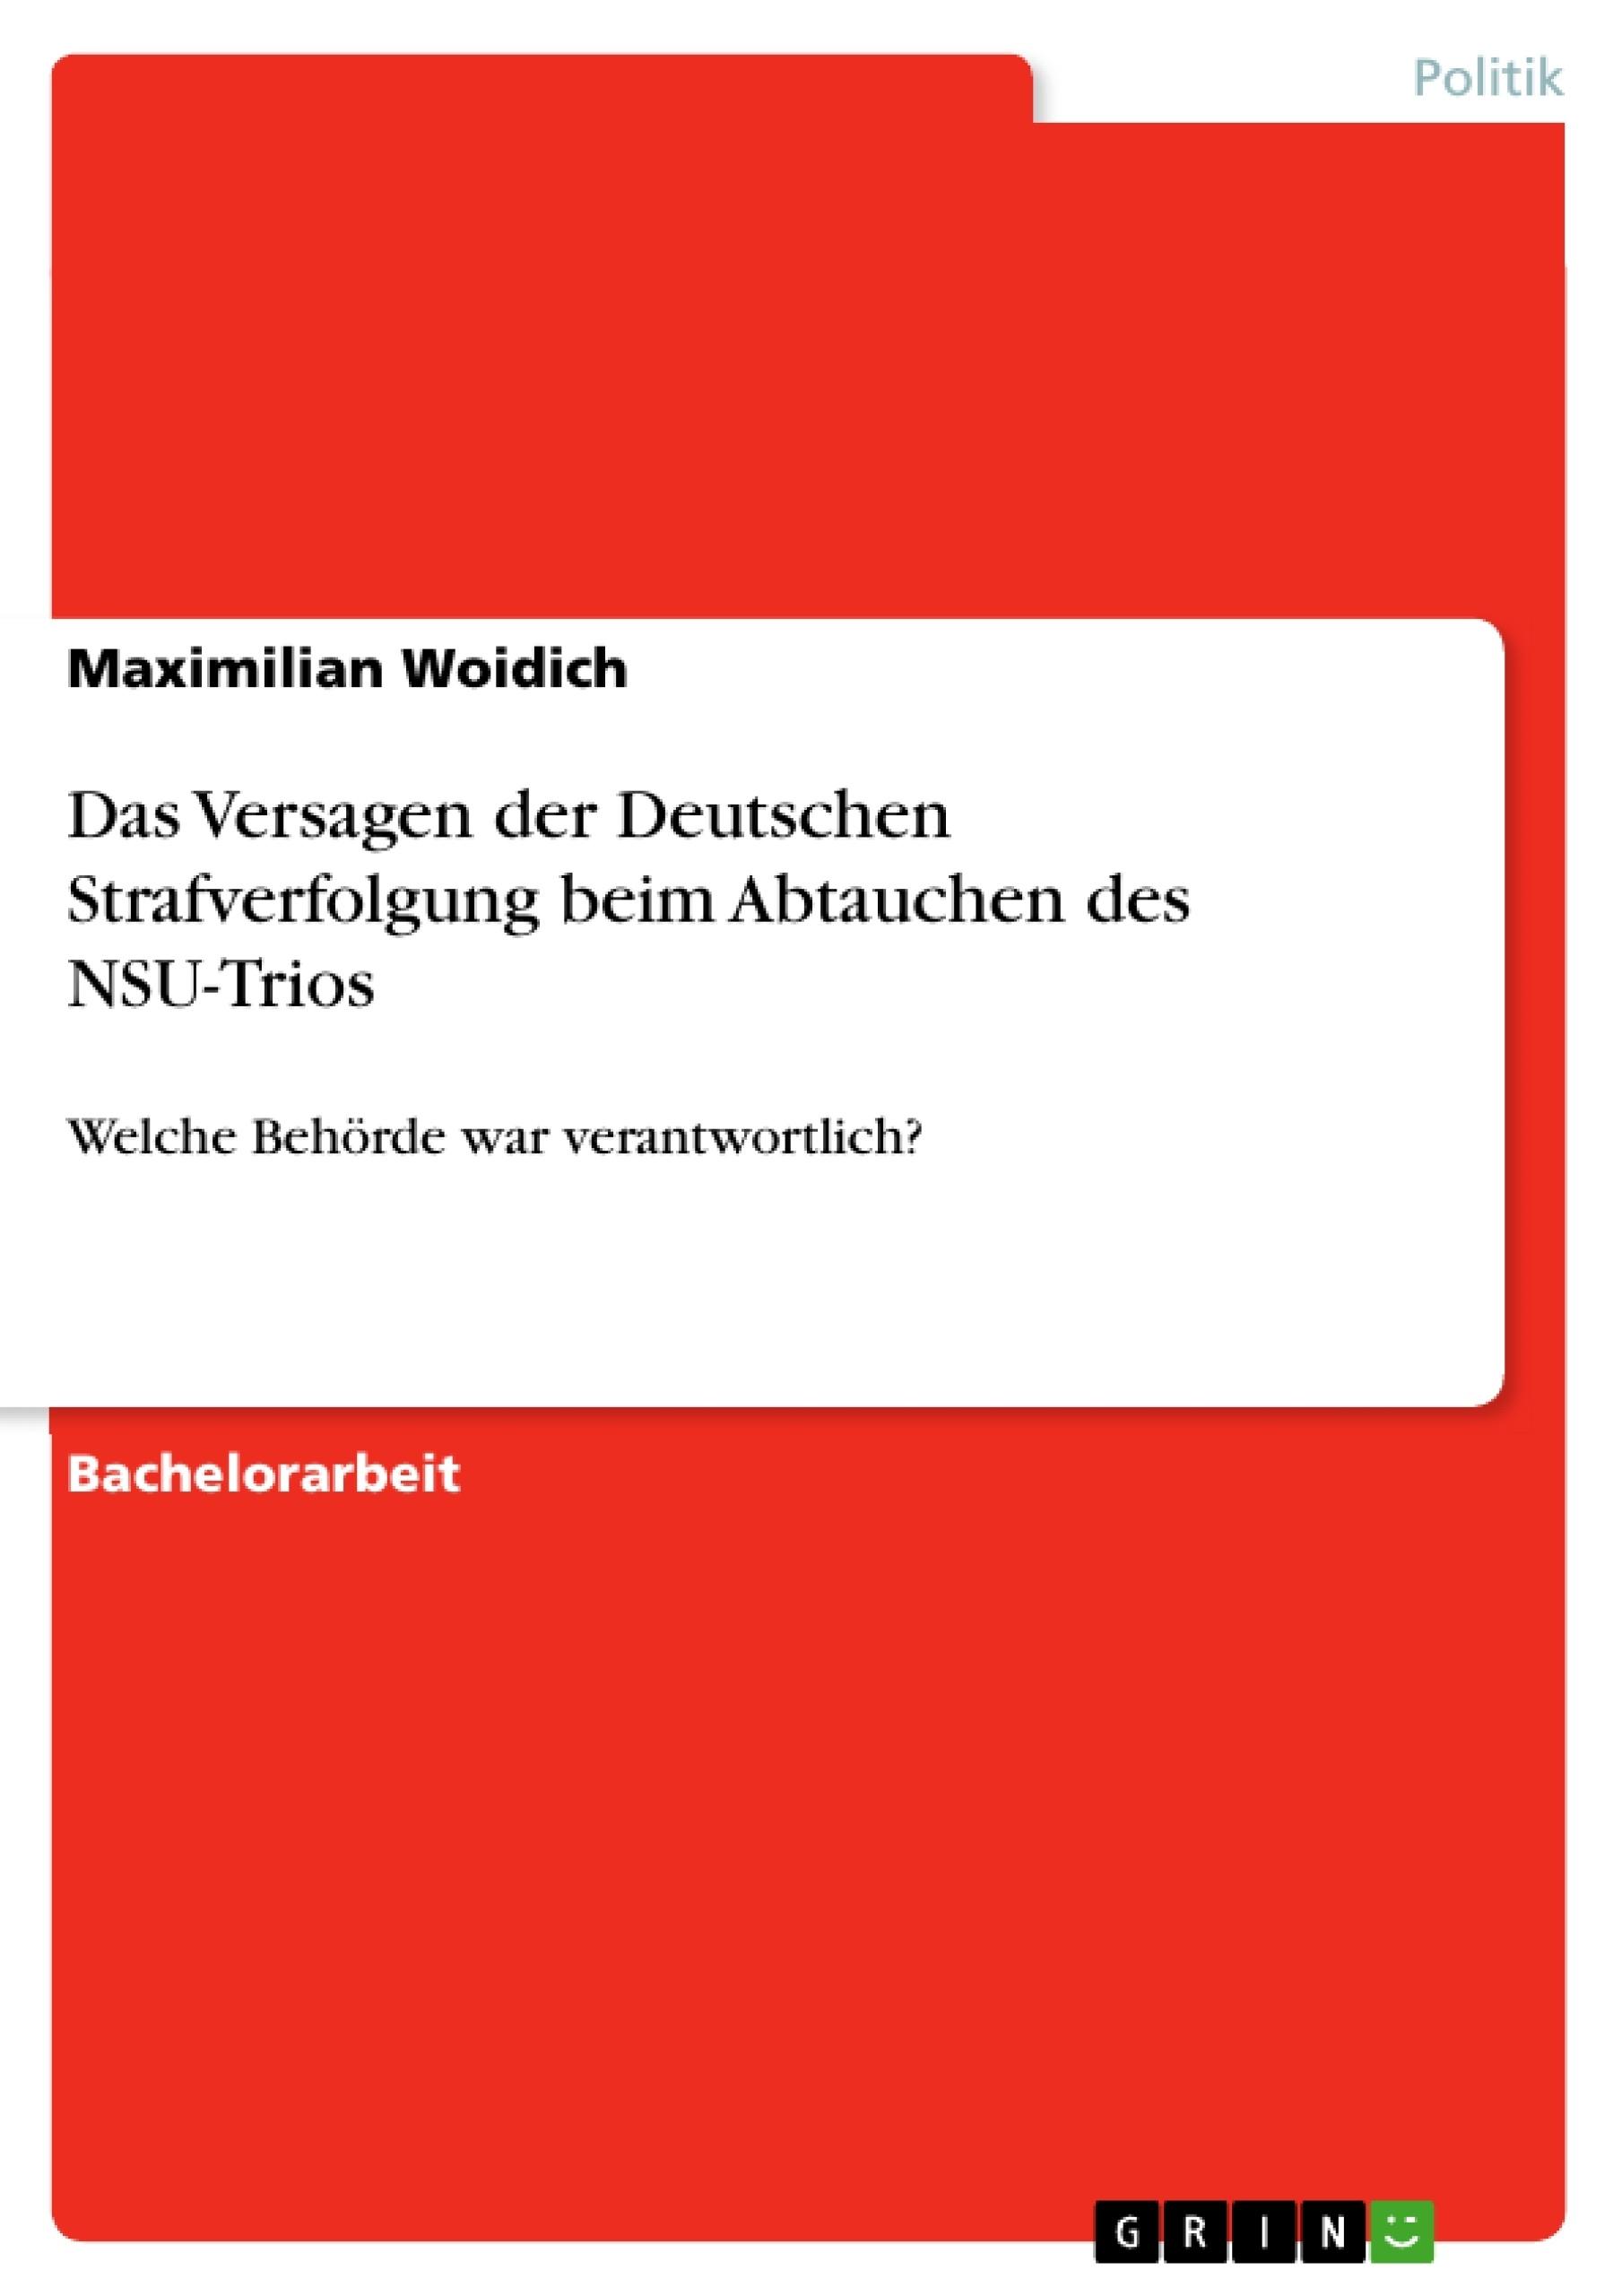 Titel: Das Versagen der Deutschen Strafverfolgung beim Abtauchen des NSU-Trios